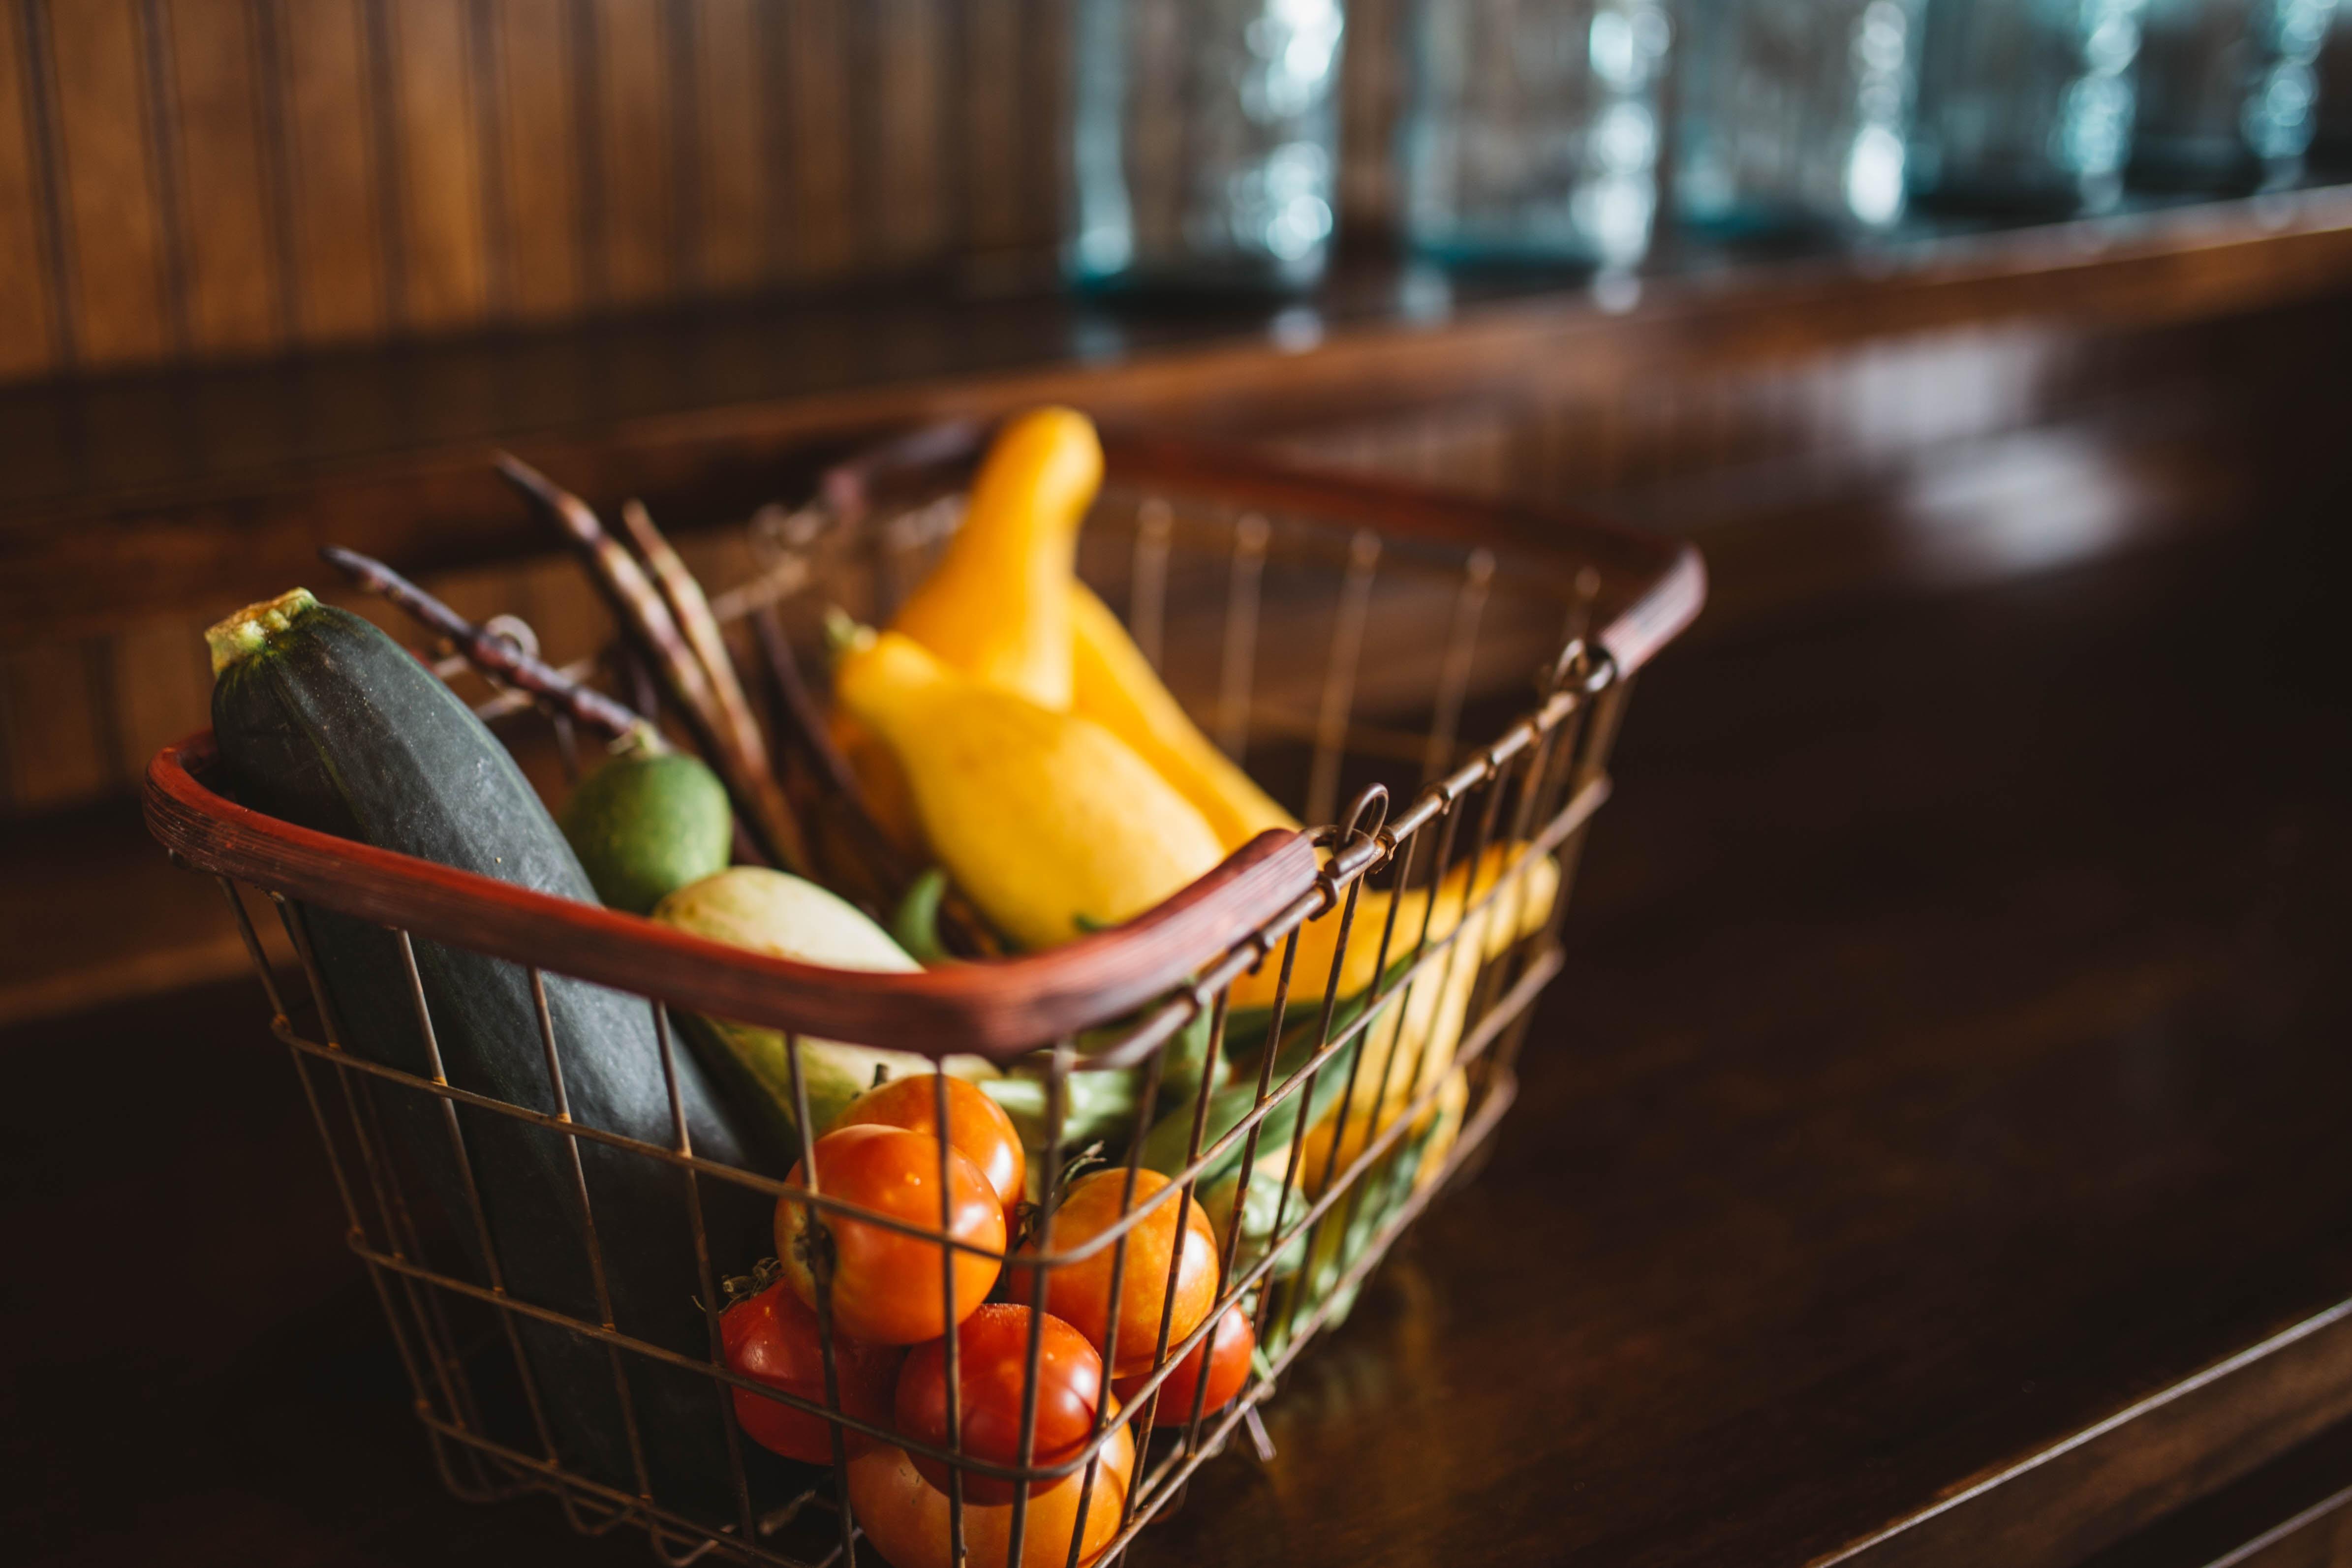 Kuinka säästää ruokaostoksilla?